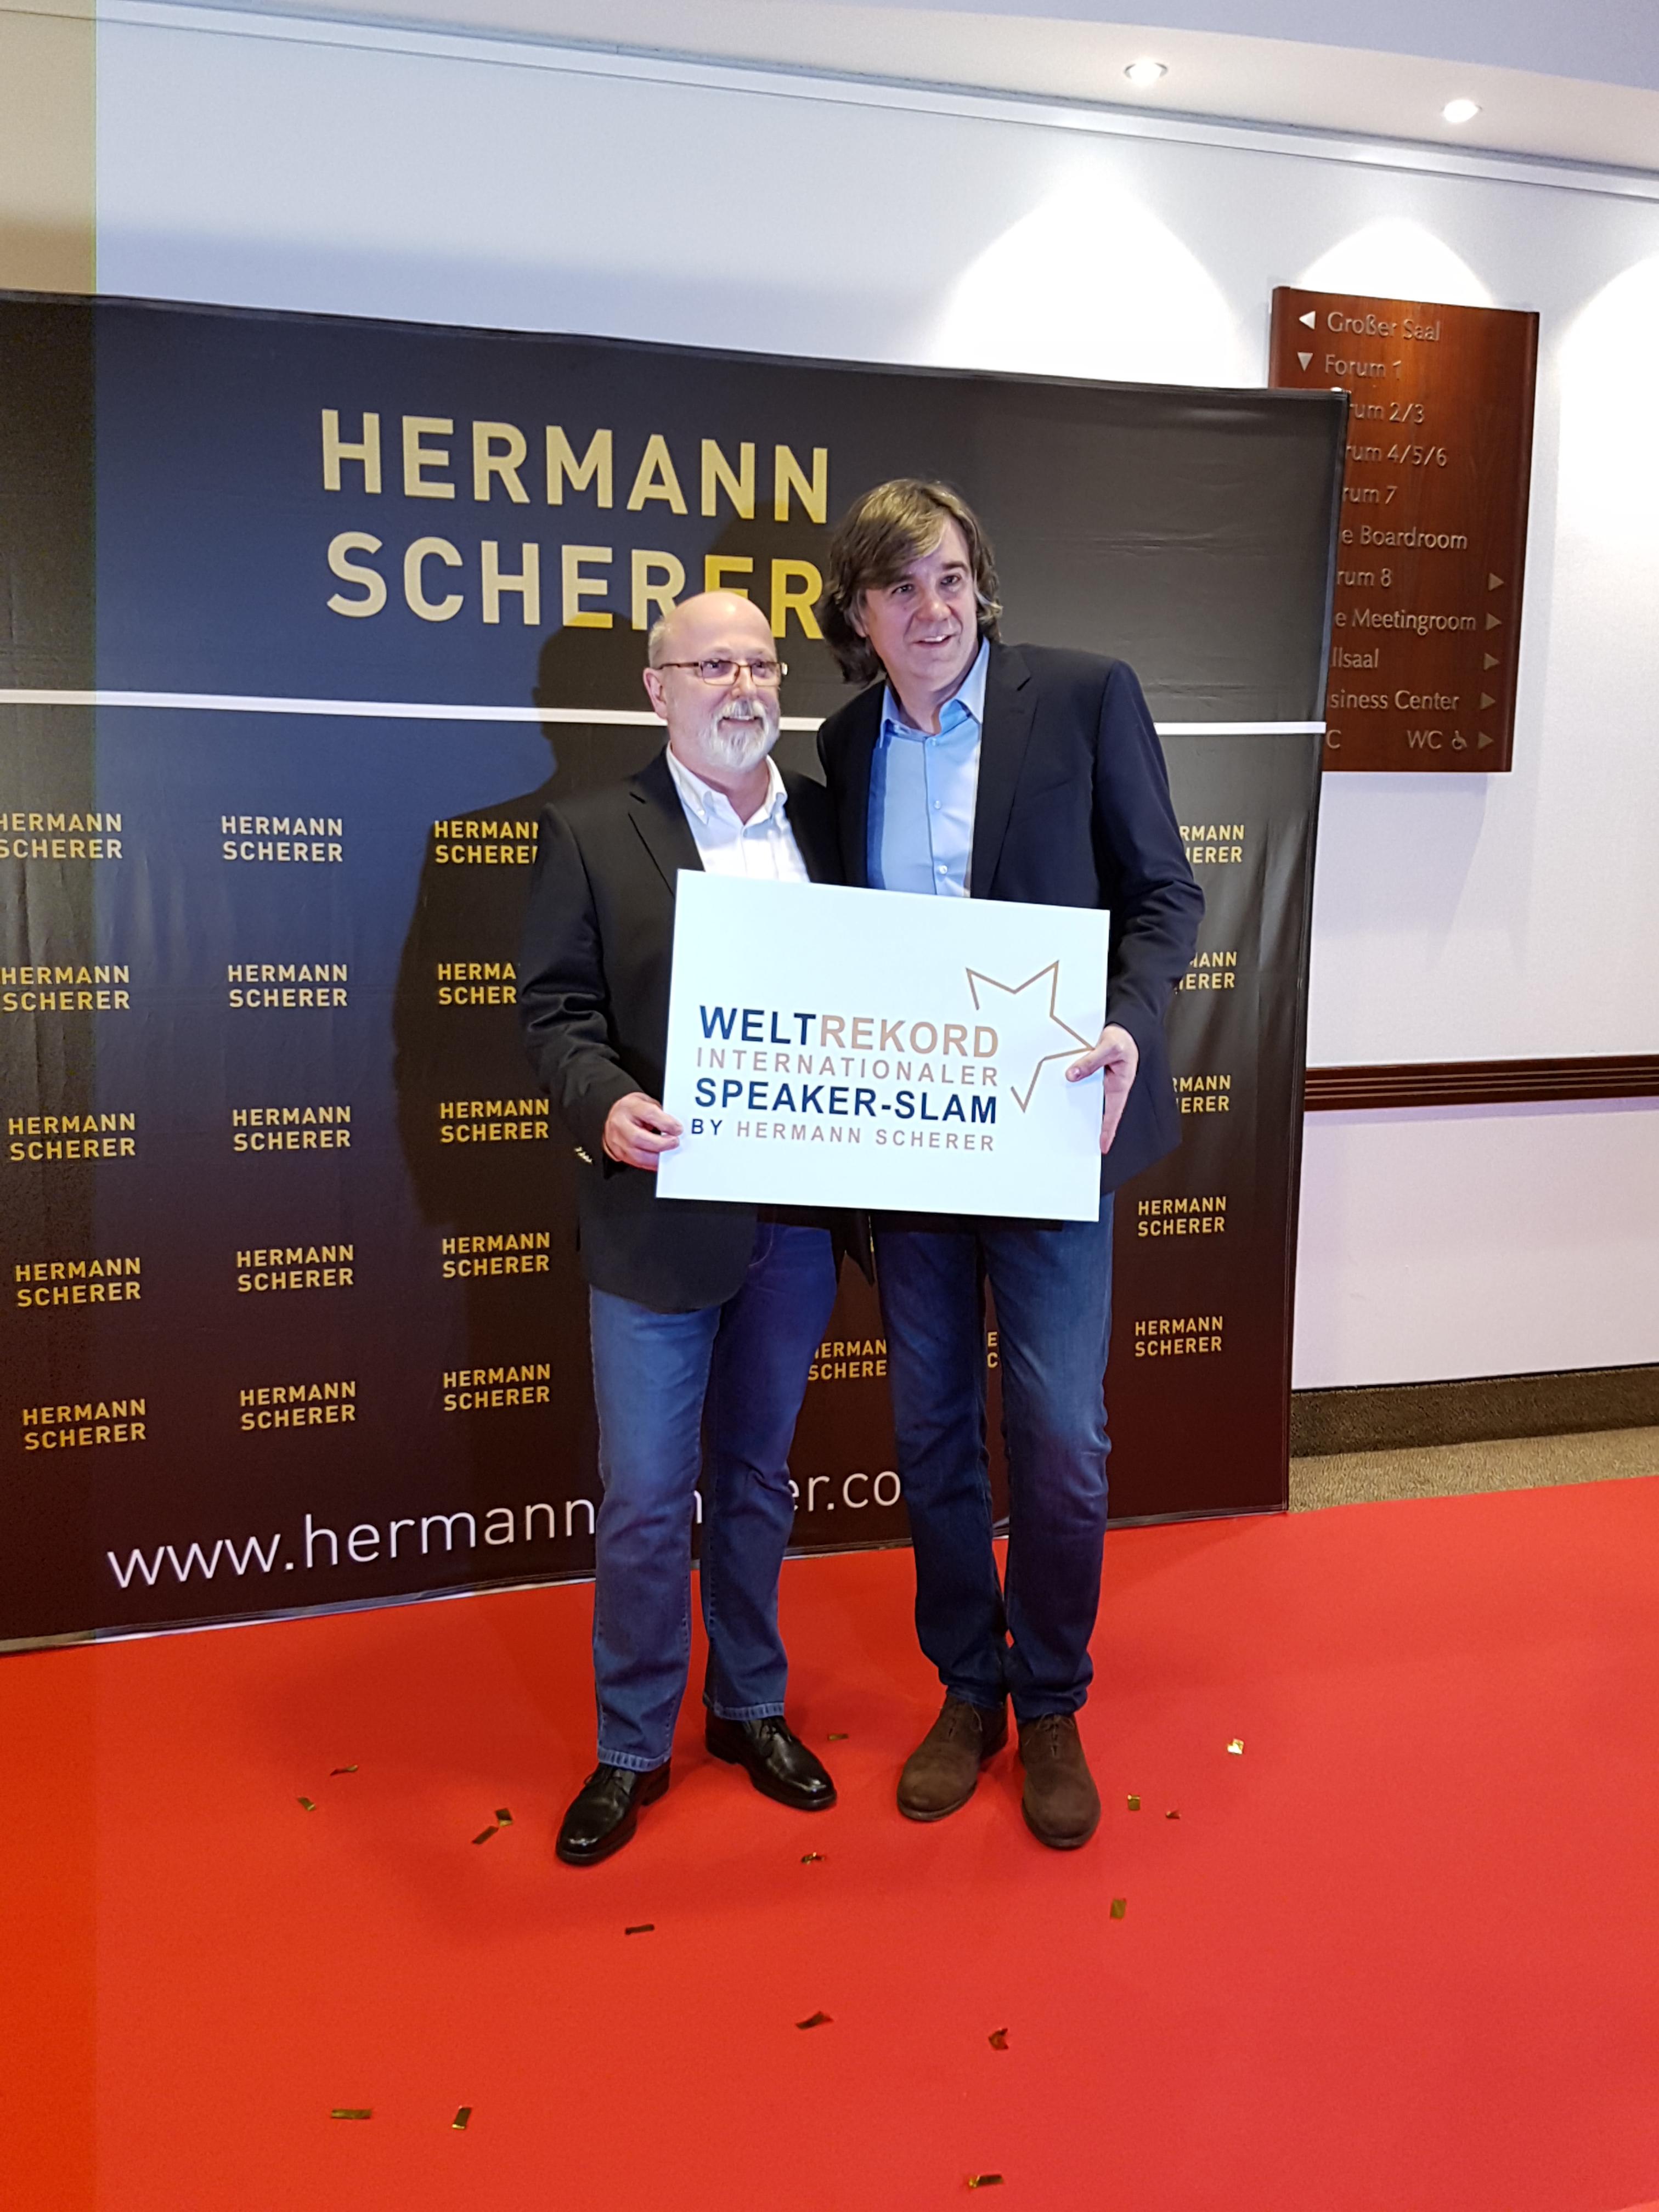 Speaker Klaus Brandstätter - Teilnehmer beim INTERNATIONALER SPEAKER-SLAM 2018 by Hermann Scherer. Gemeinsam haben wir einen Weltrekord im Slamen aufgestellt.